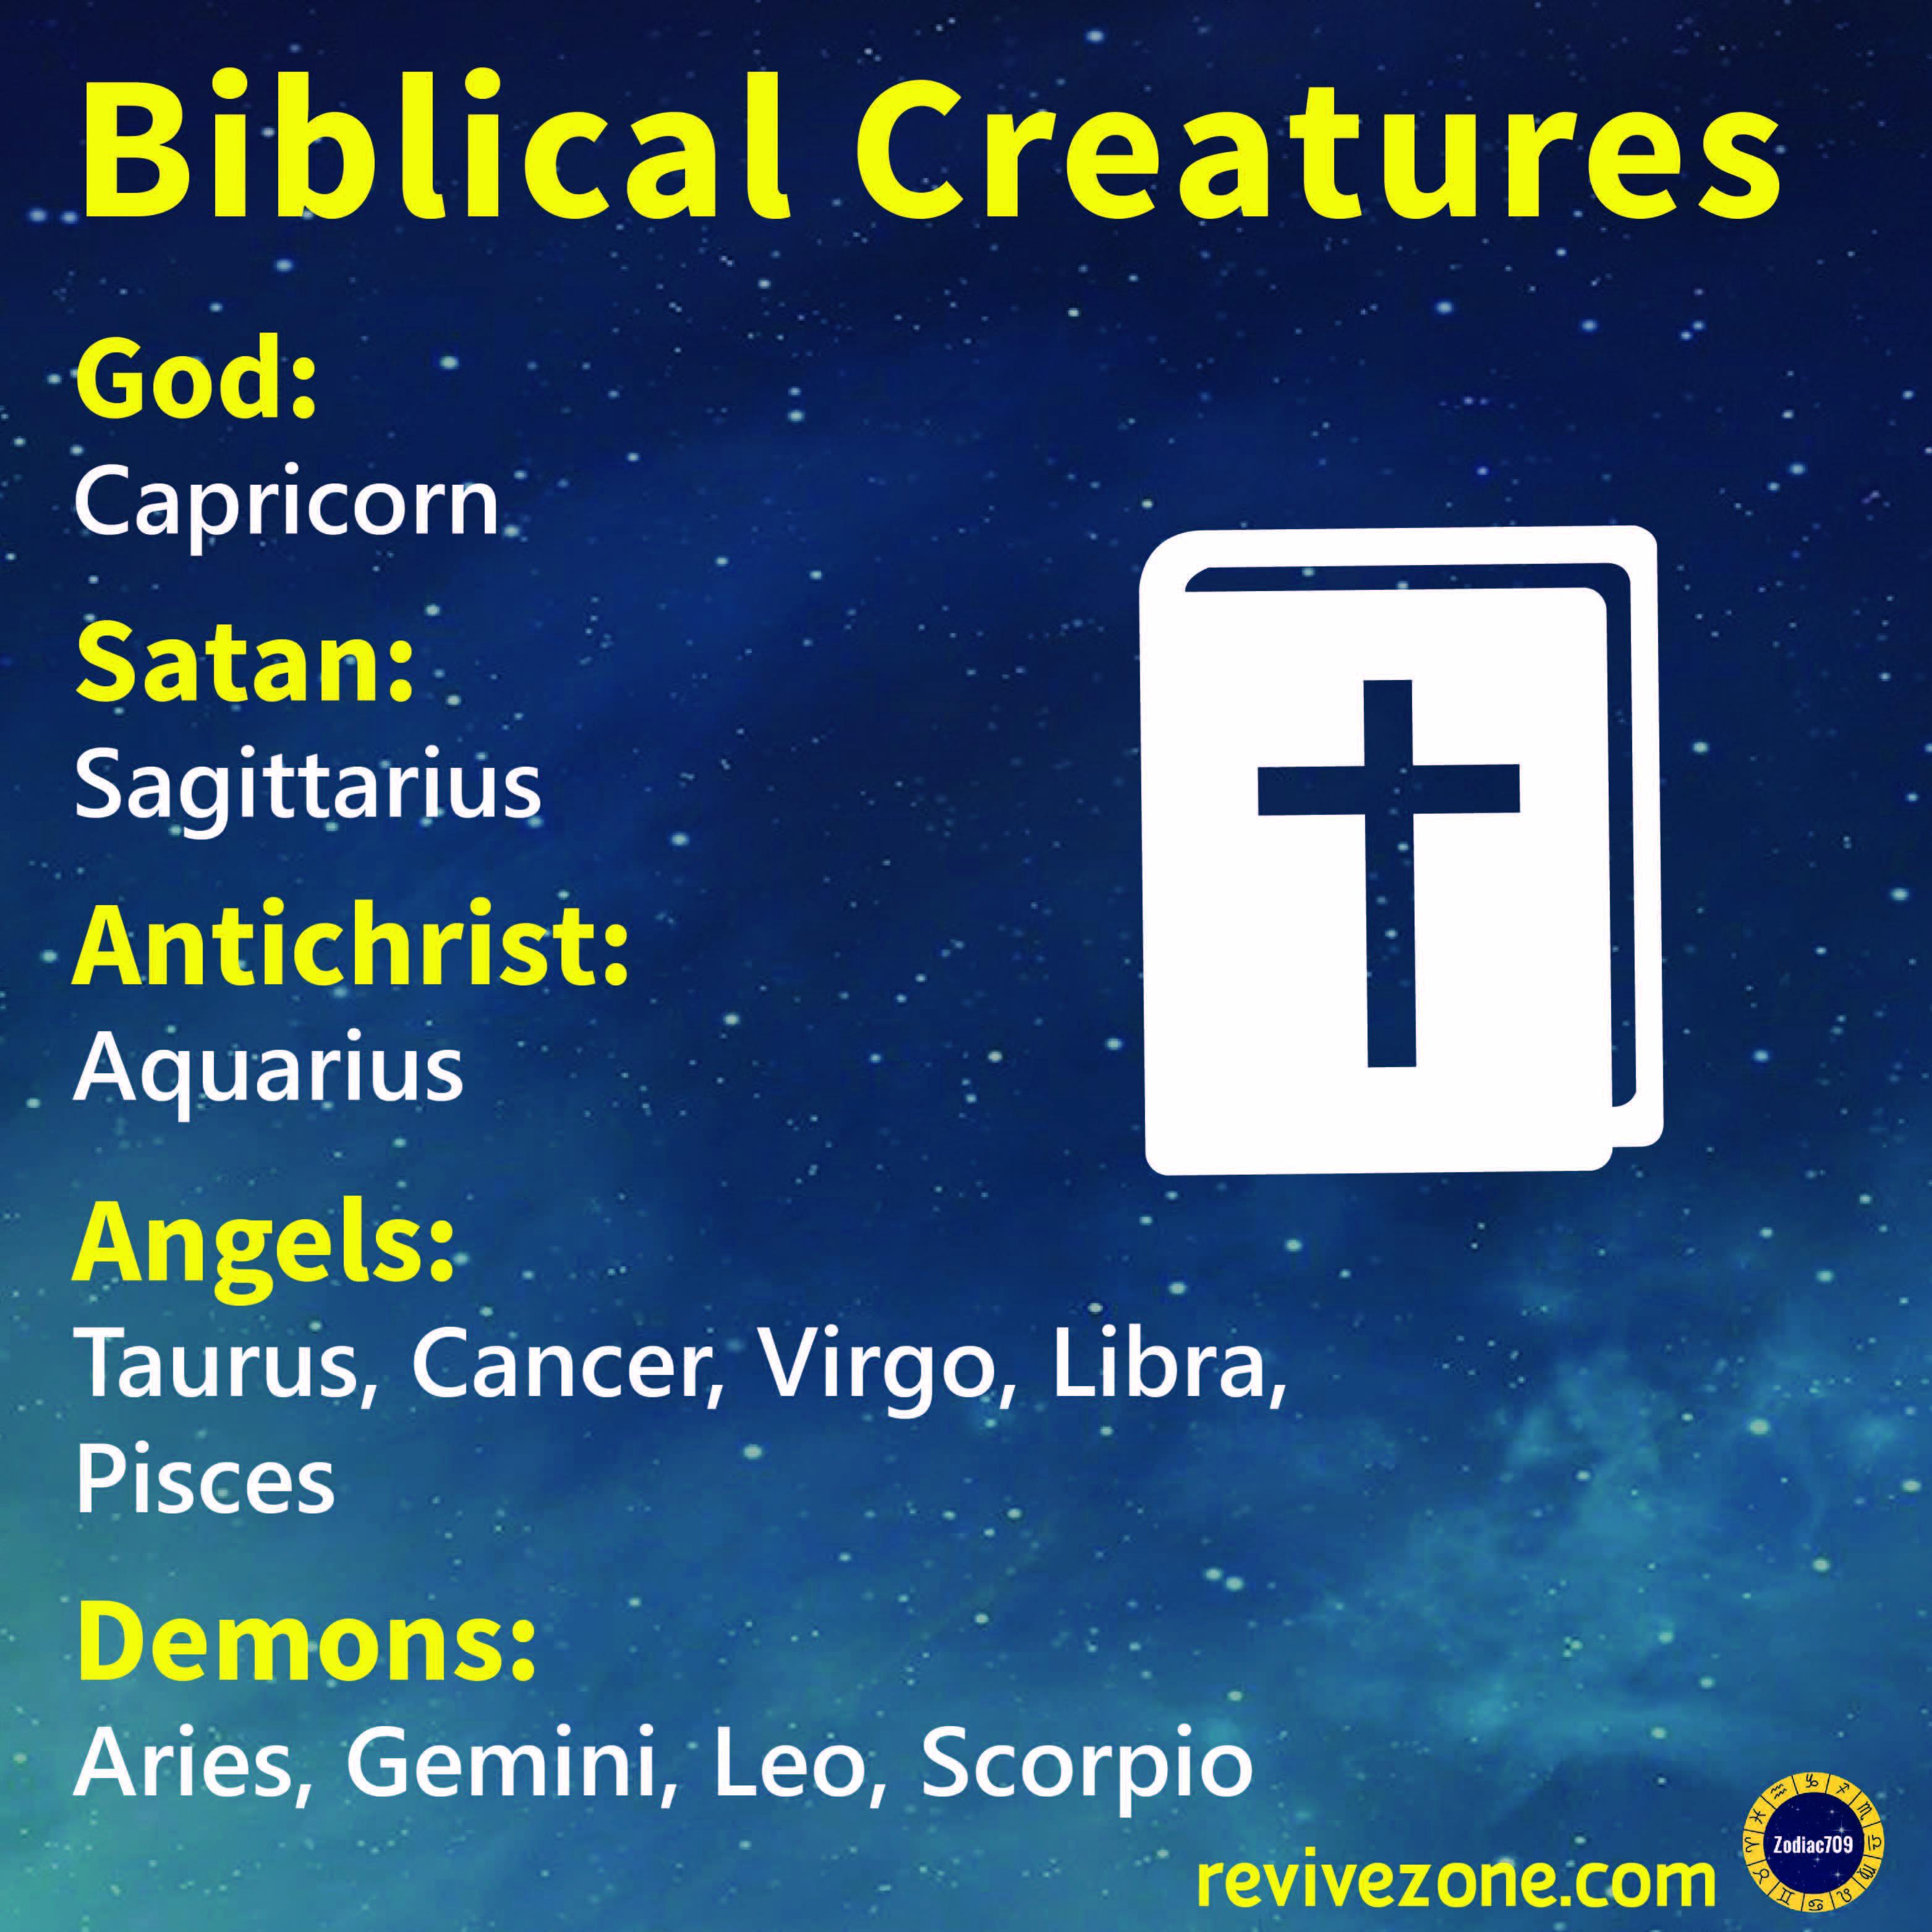 zodiac signs as Biblical creatures, aries, taurus, gemini, cancer